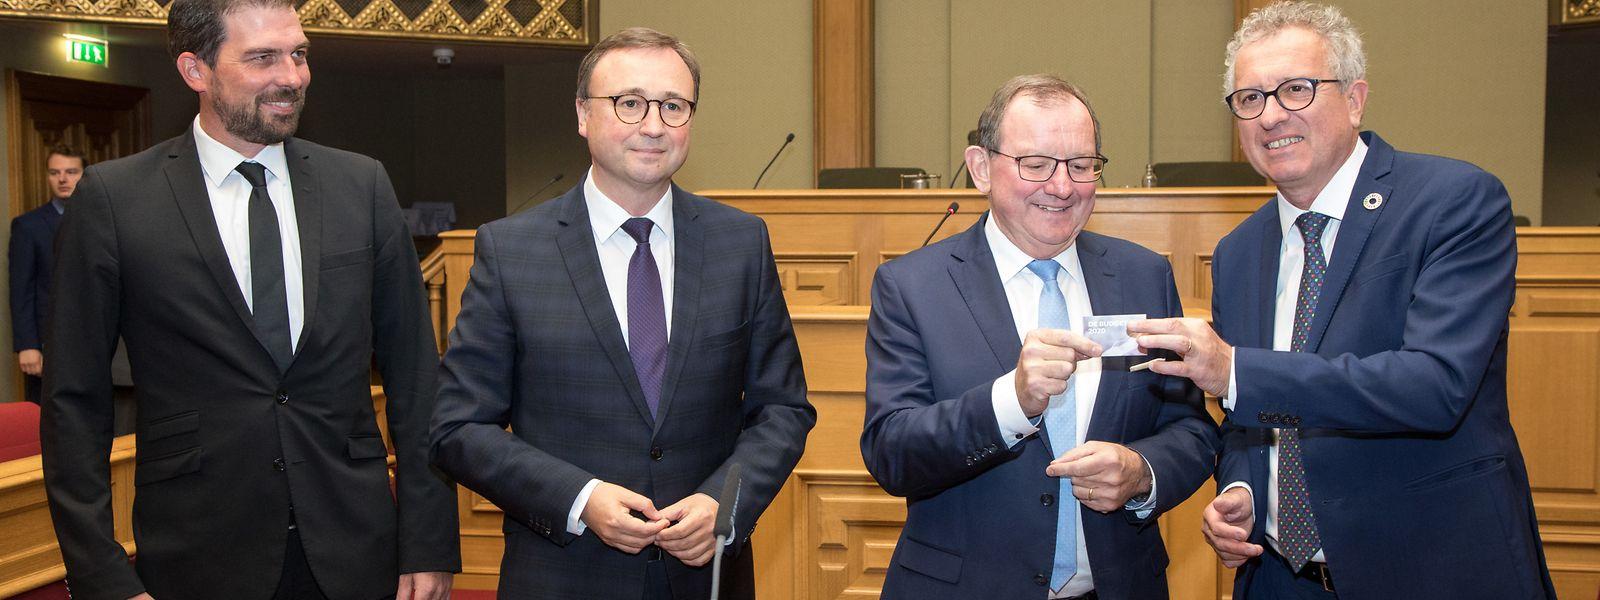 Finanzminister Pierre Gramegna (r.) überreicht Parlamentspräsident Fernand Etgen den Haushaltsentwurf 2020, der per QR-Code abgerufen werden kann. Budgetberichterstatter Yves Cruchten (l.) übernimmt das Zepter von André Bauler (2.v.l.)